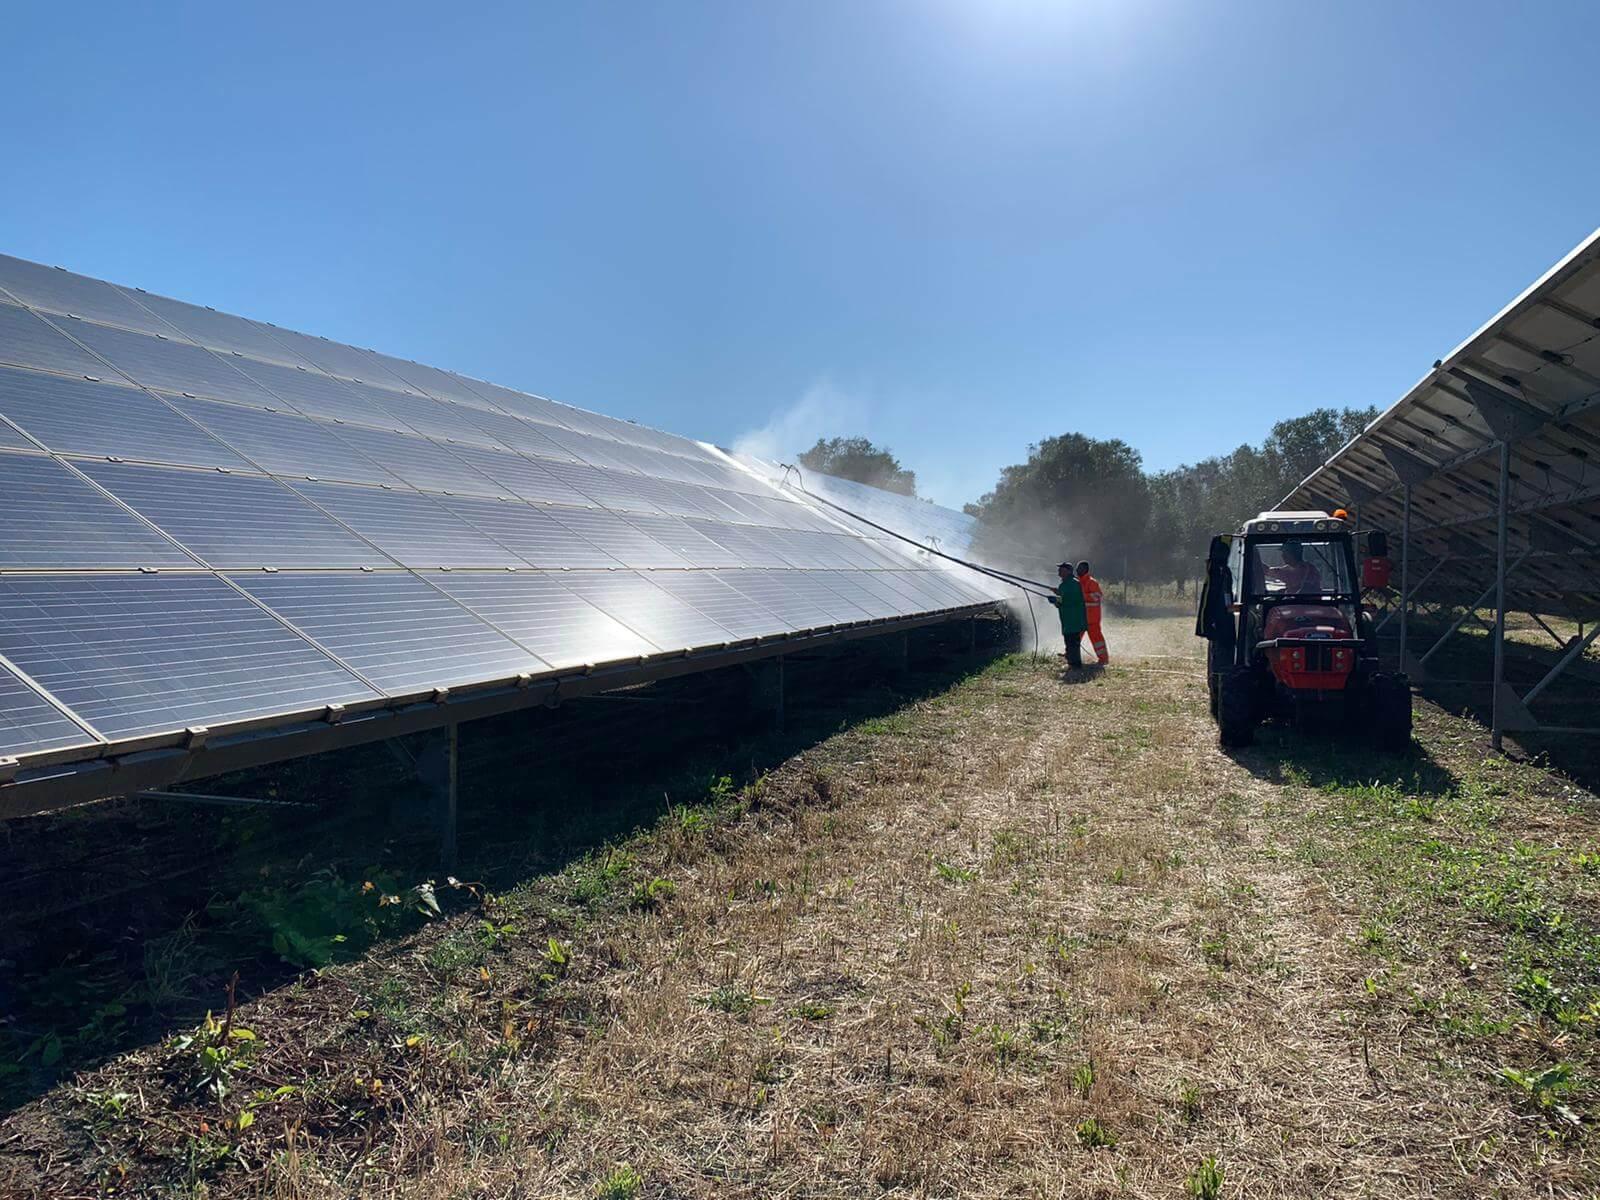 Pulizia pannelli solari 11